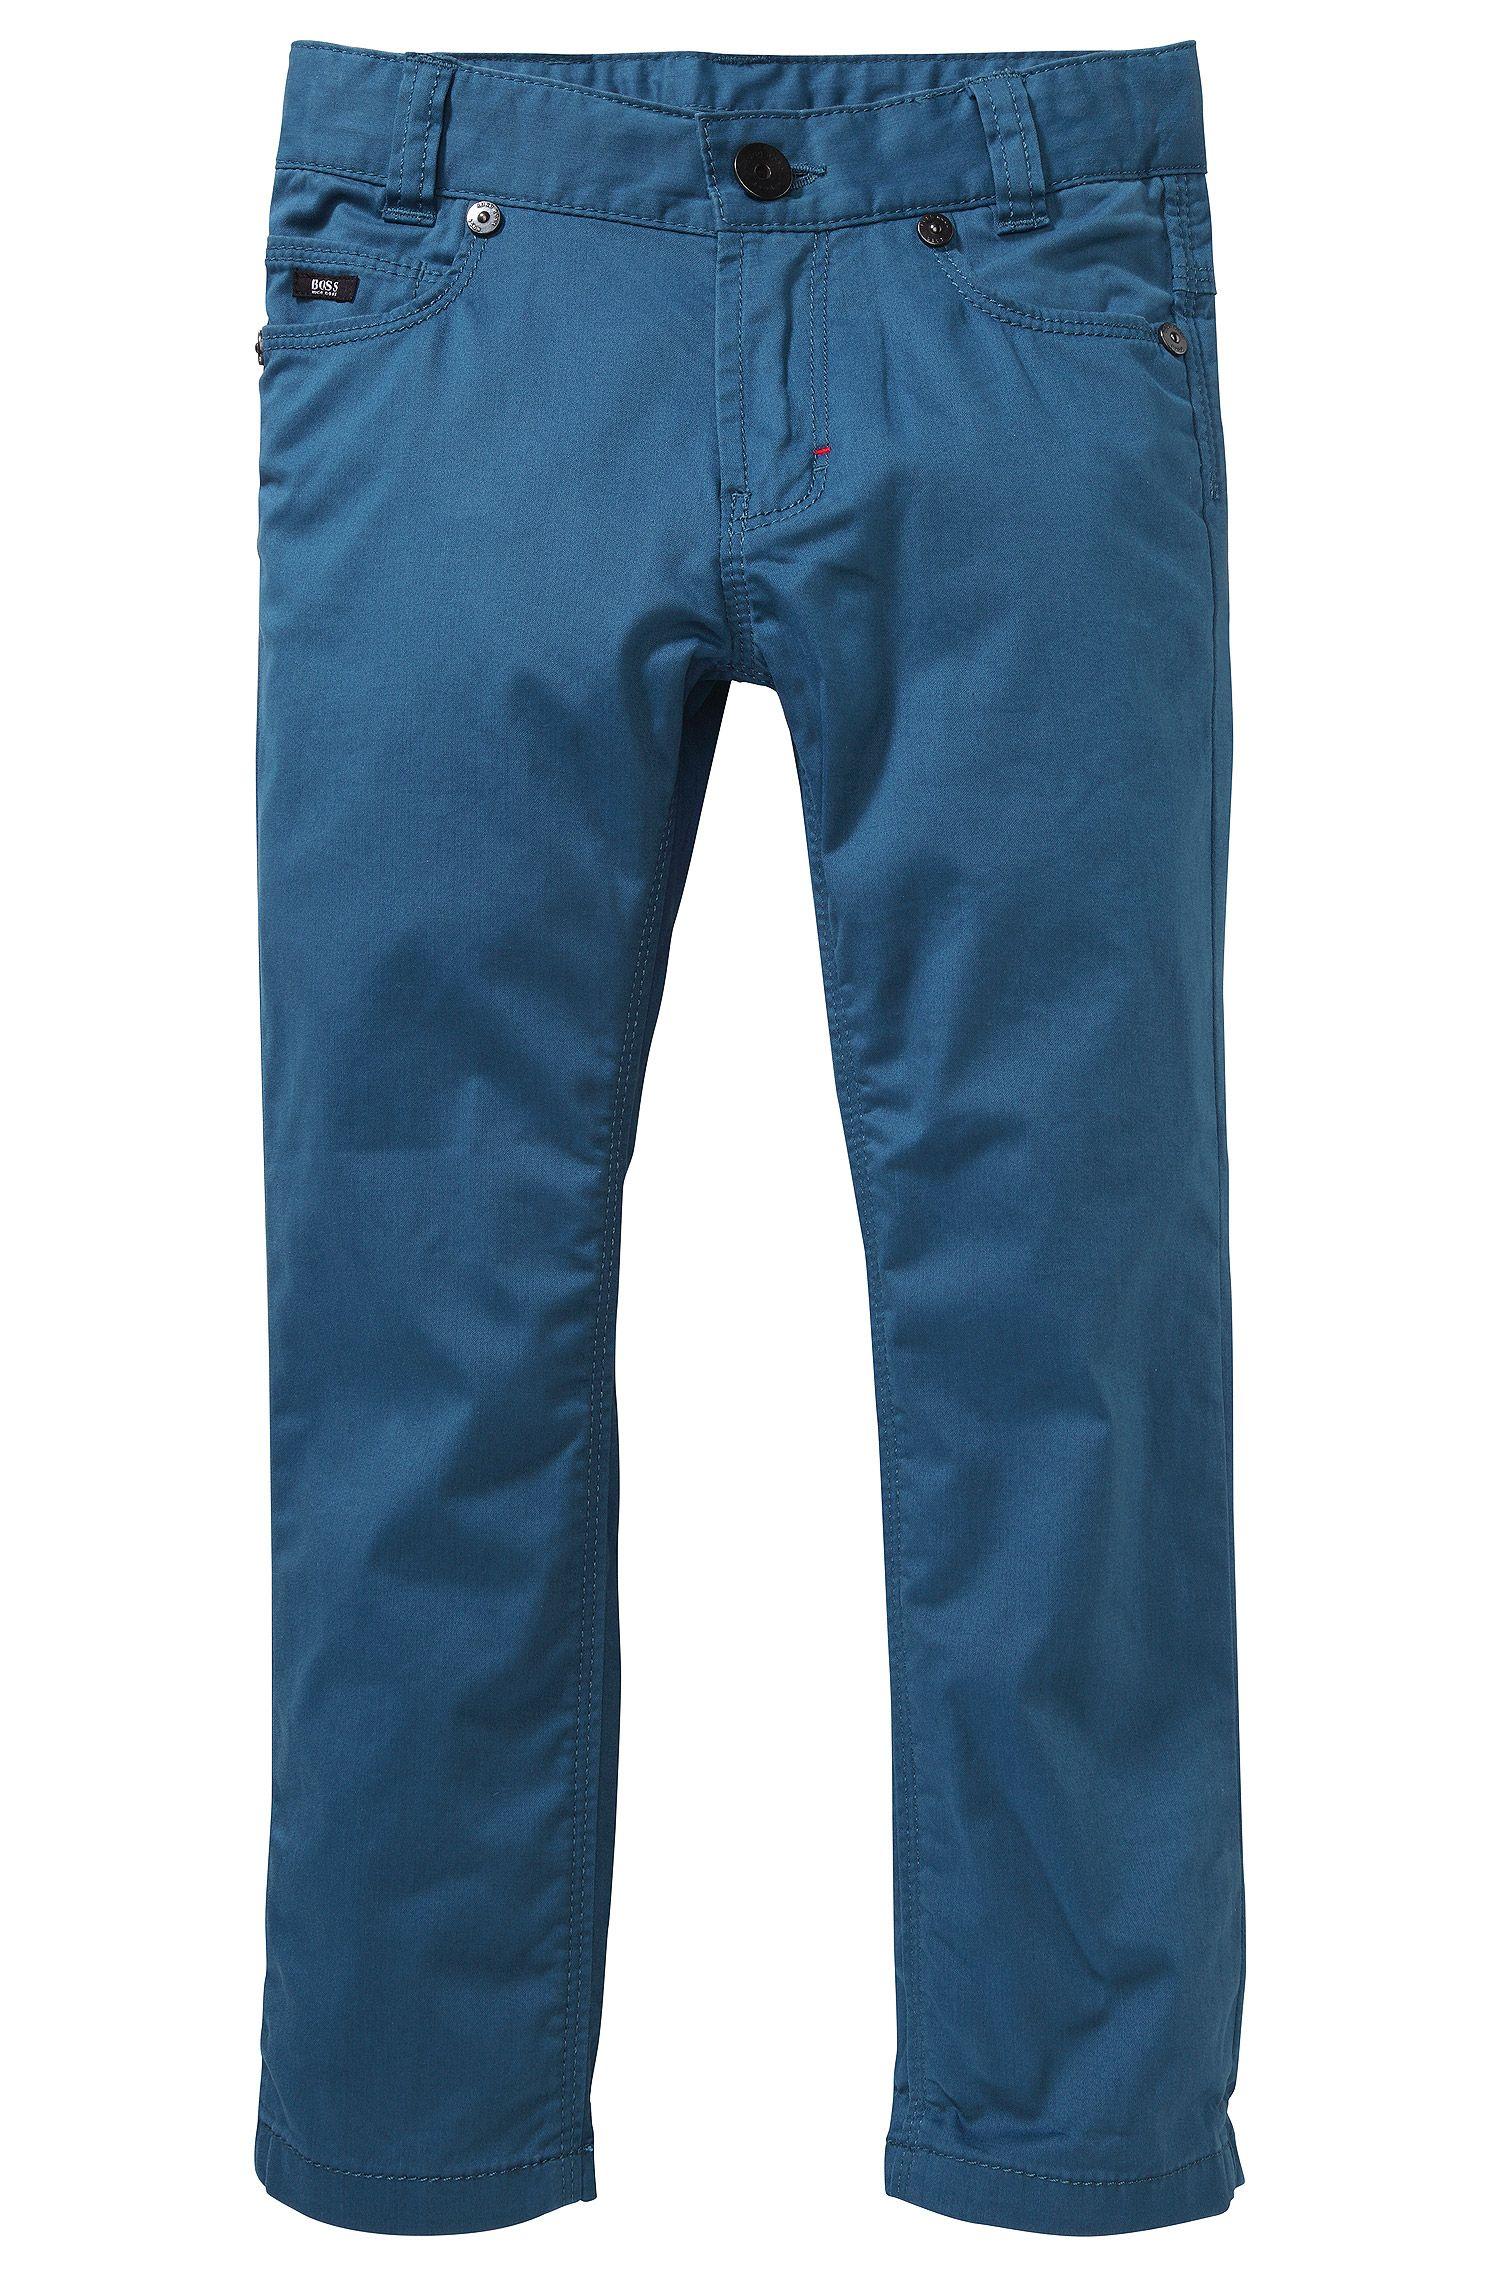 Jeans pour enfant «J24326» avec bande en élastomère ajustable